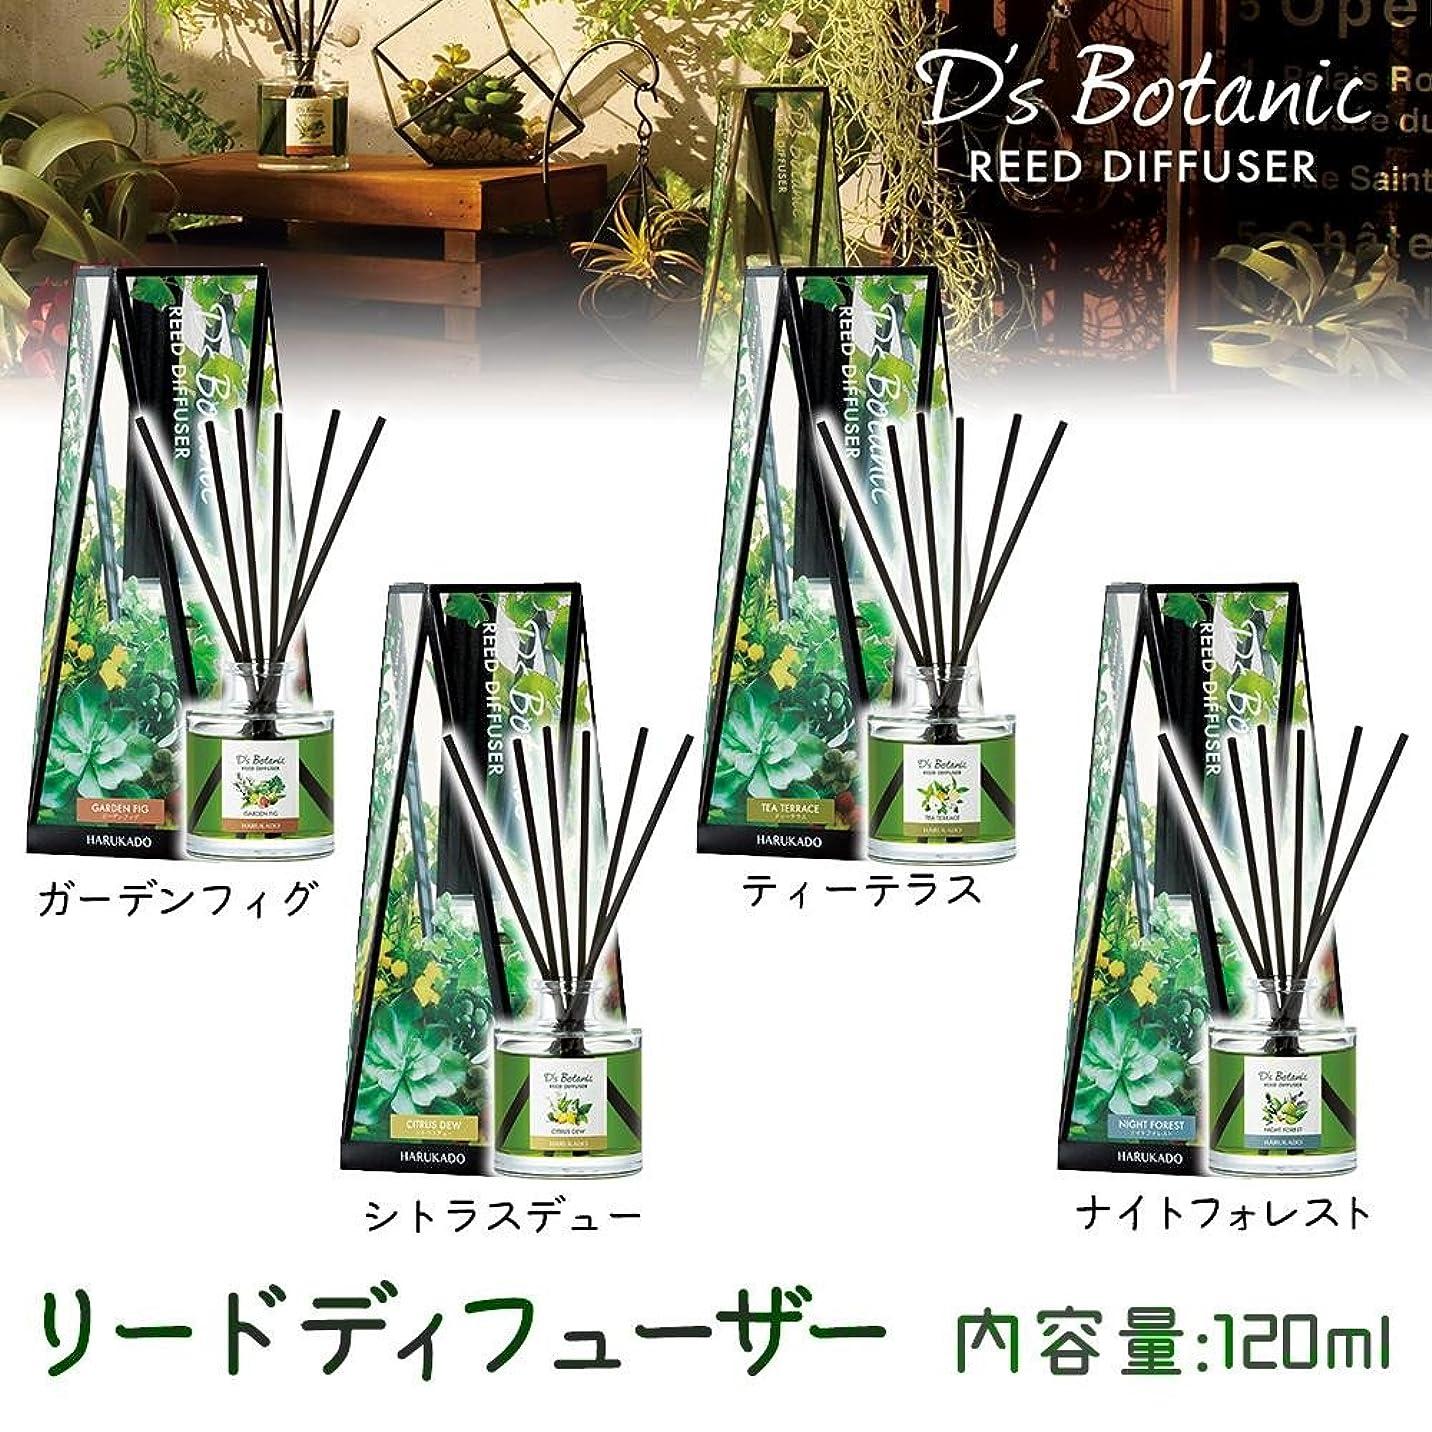 なめらかな配管読者D'S Botanic(デイズボタニック) リードディフューザー ルームフレグランス 120ml ティーテラス?6230【人気 おすすめ 】